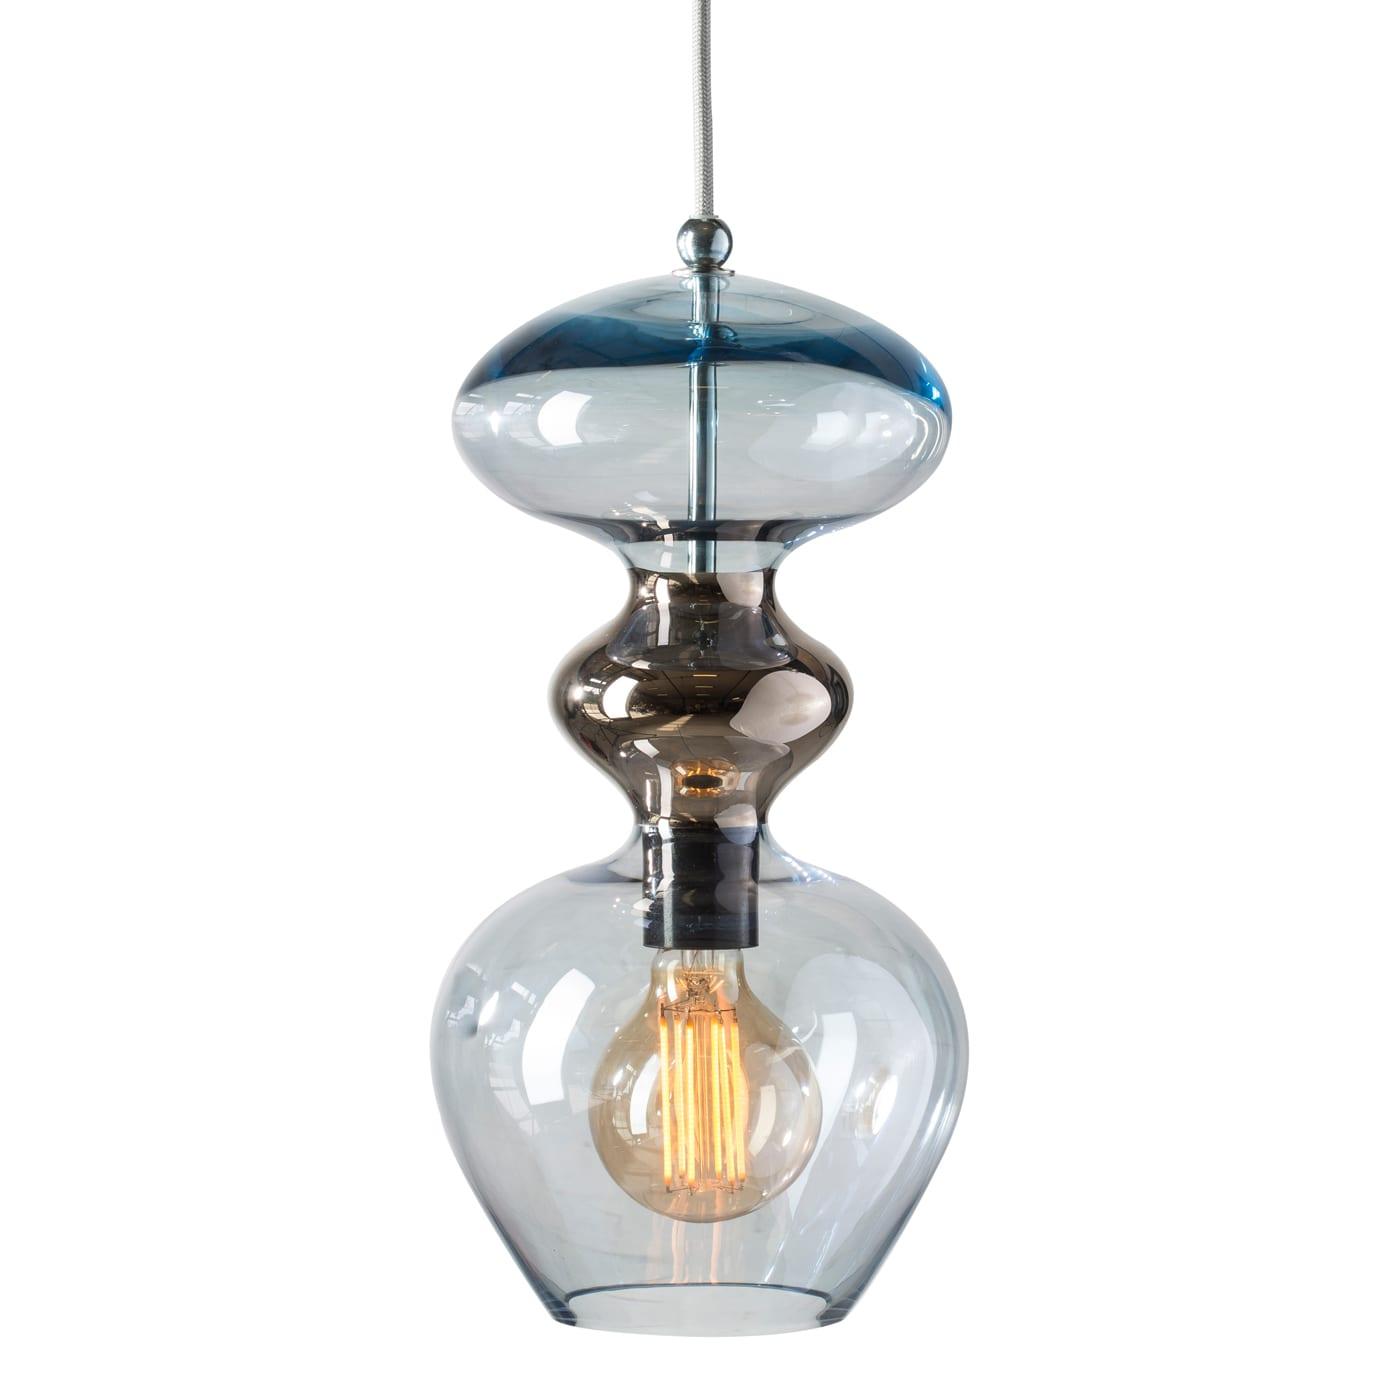 Futura Pendant Lamp, Topaz Blue/Platinum, 37cmH